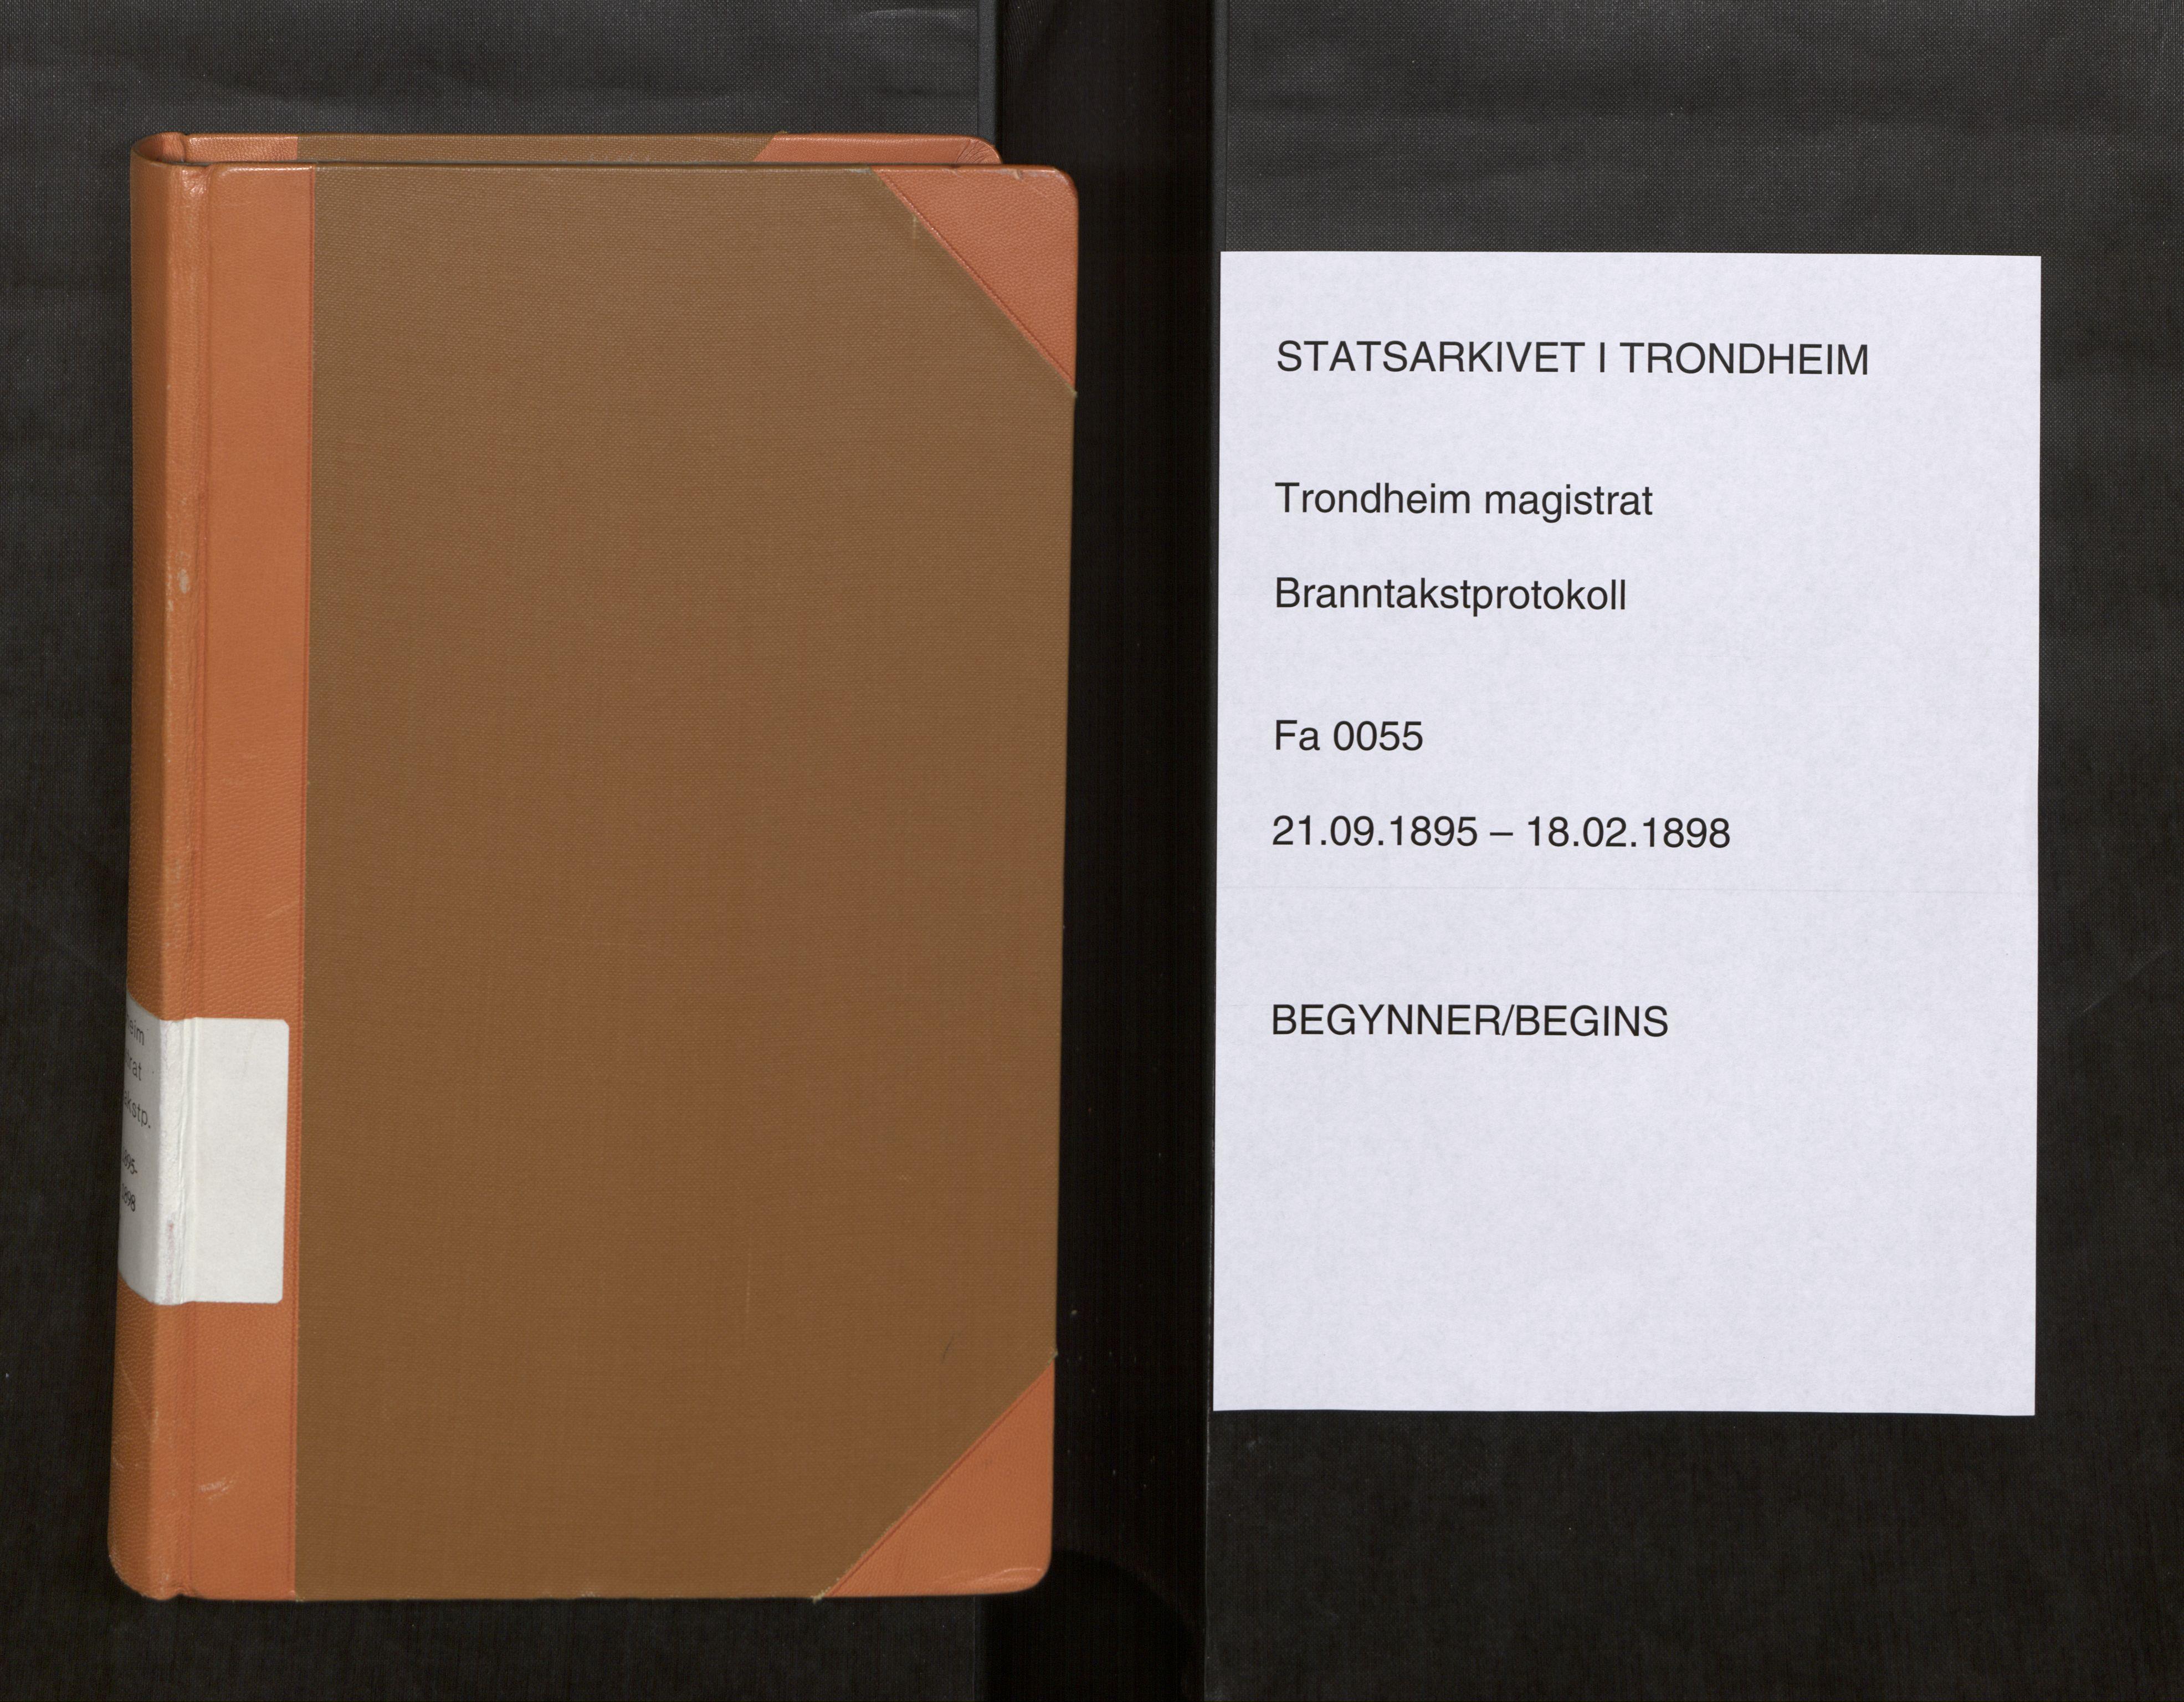 SAT, Norges Brannkasse Trondheim magistrat, Fa/L0058: Branntakstprotokoll X, 1895-1898